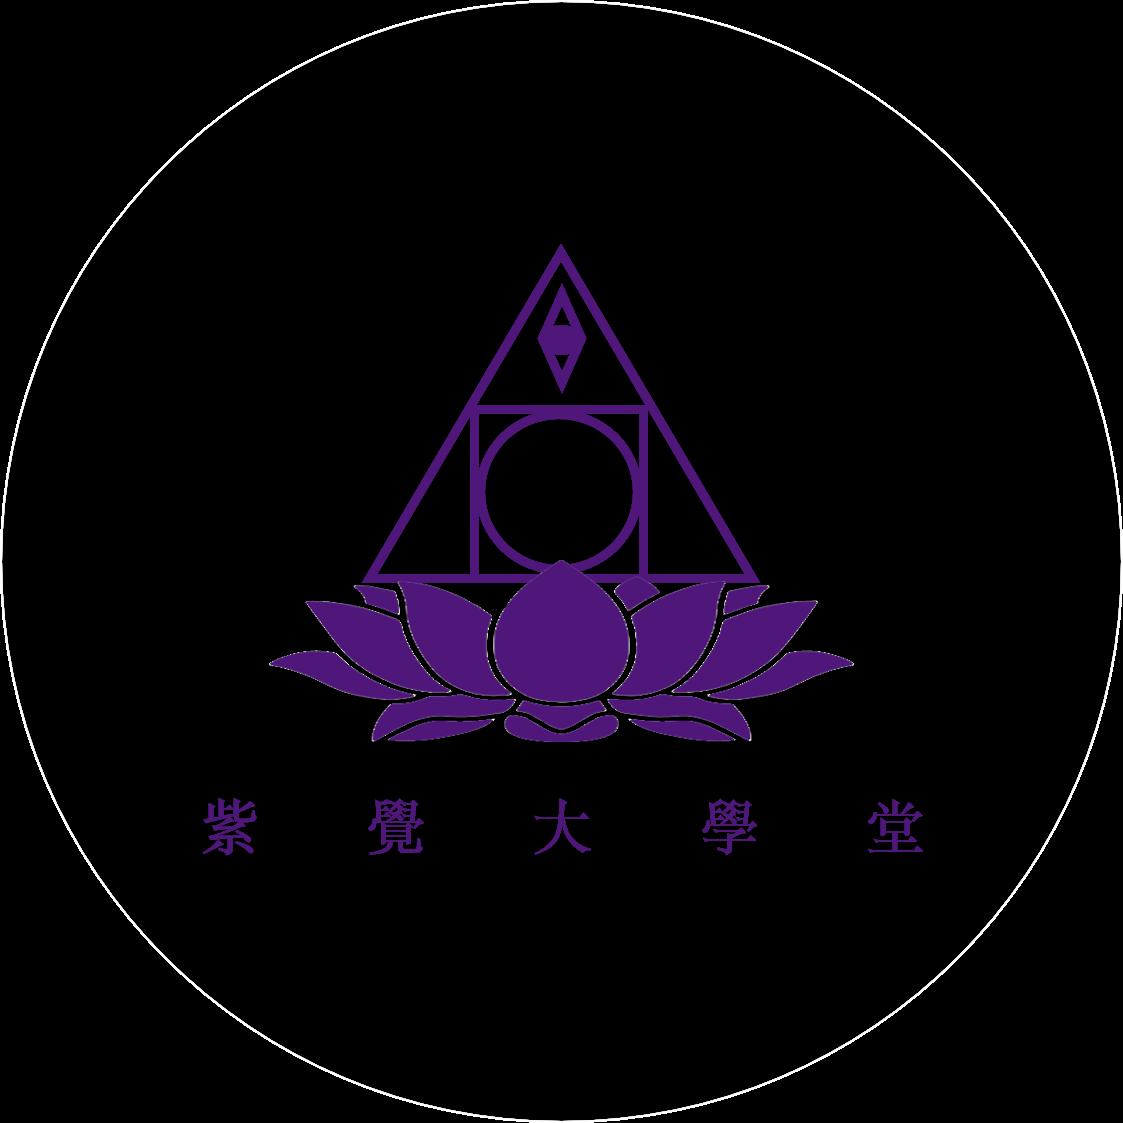 紫覺大學堂